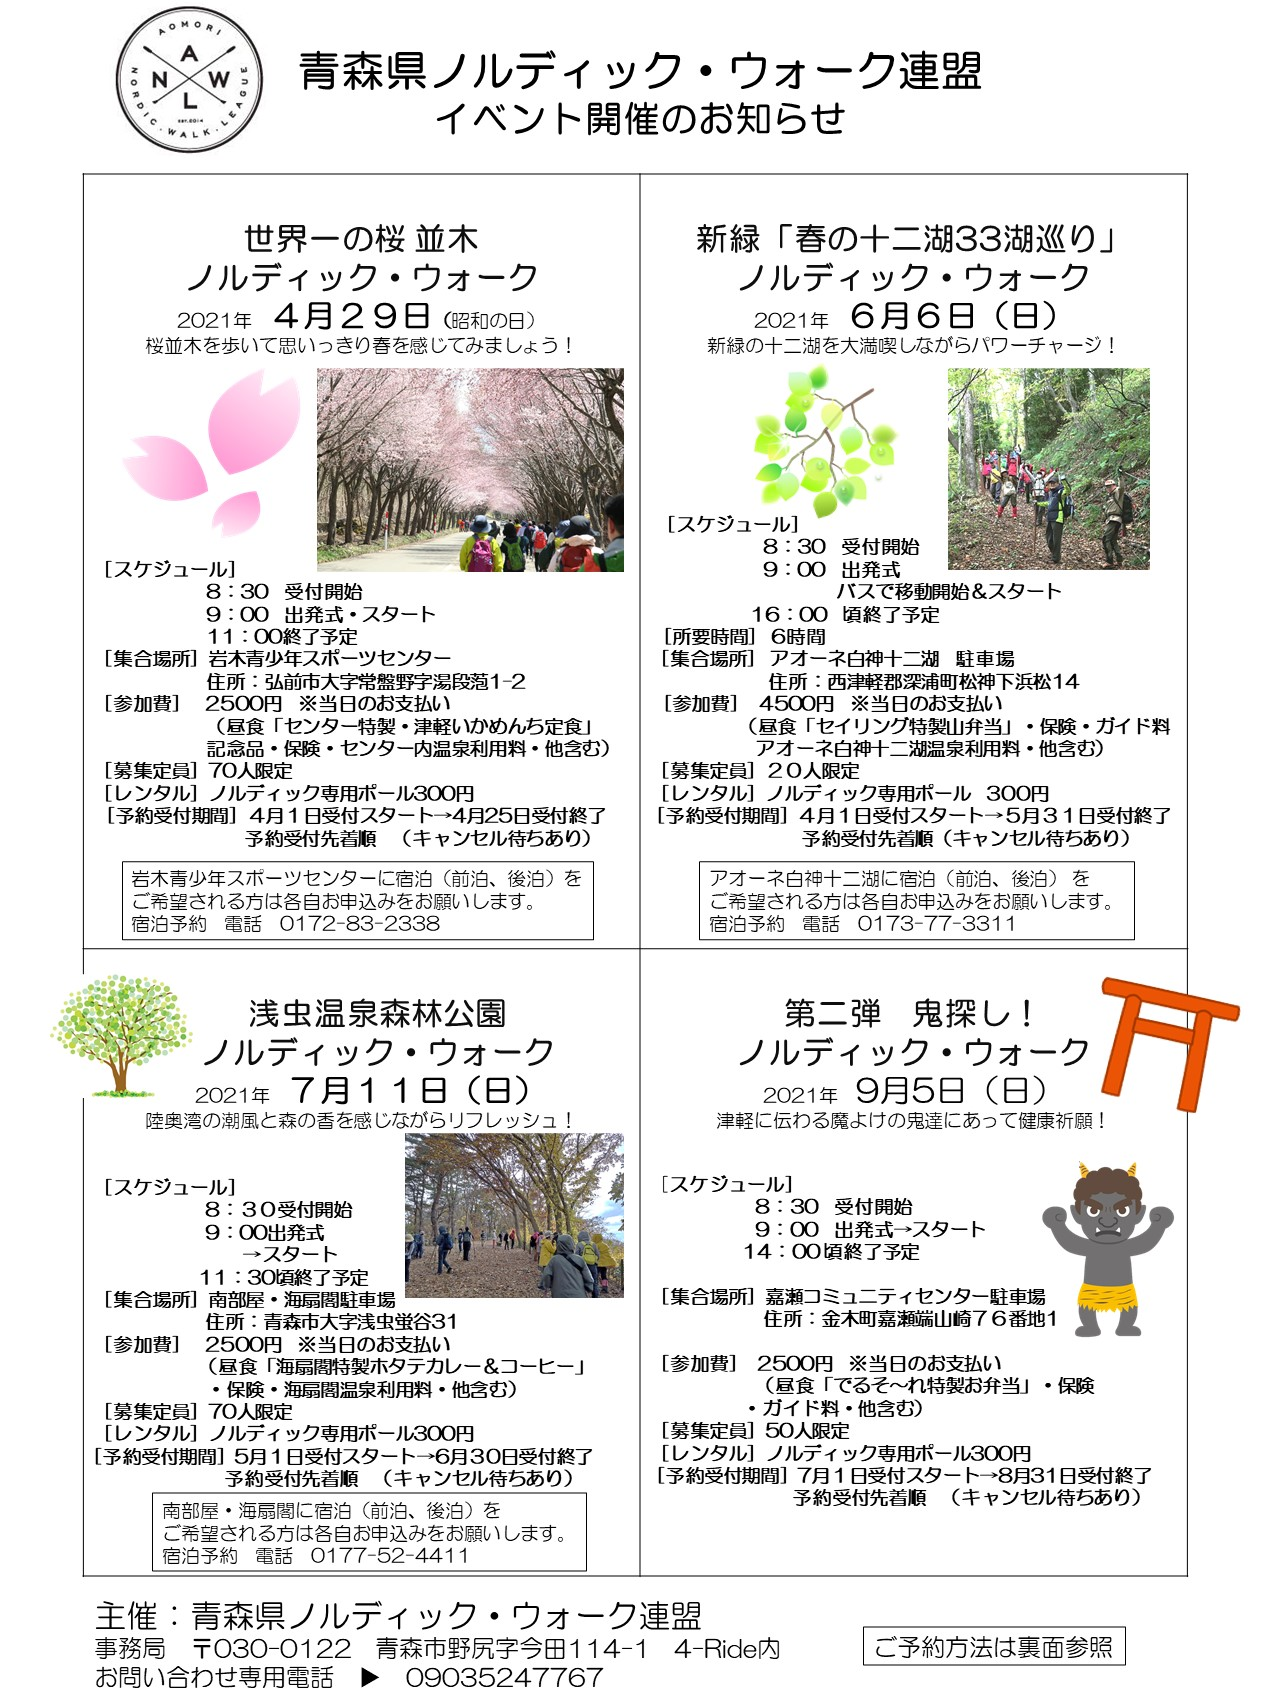 青森県ノルディック・ウォーク連盟 主催イベント